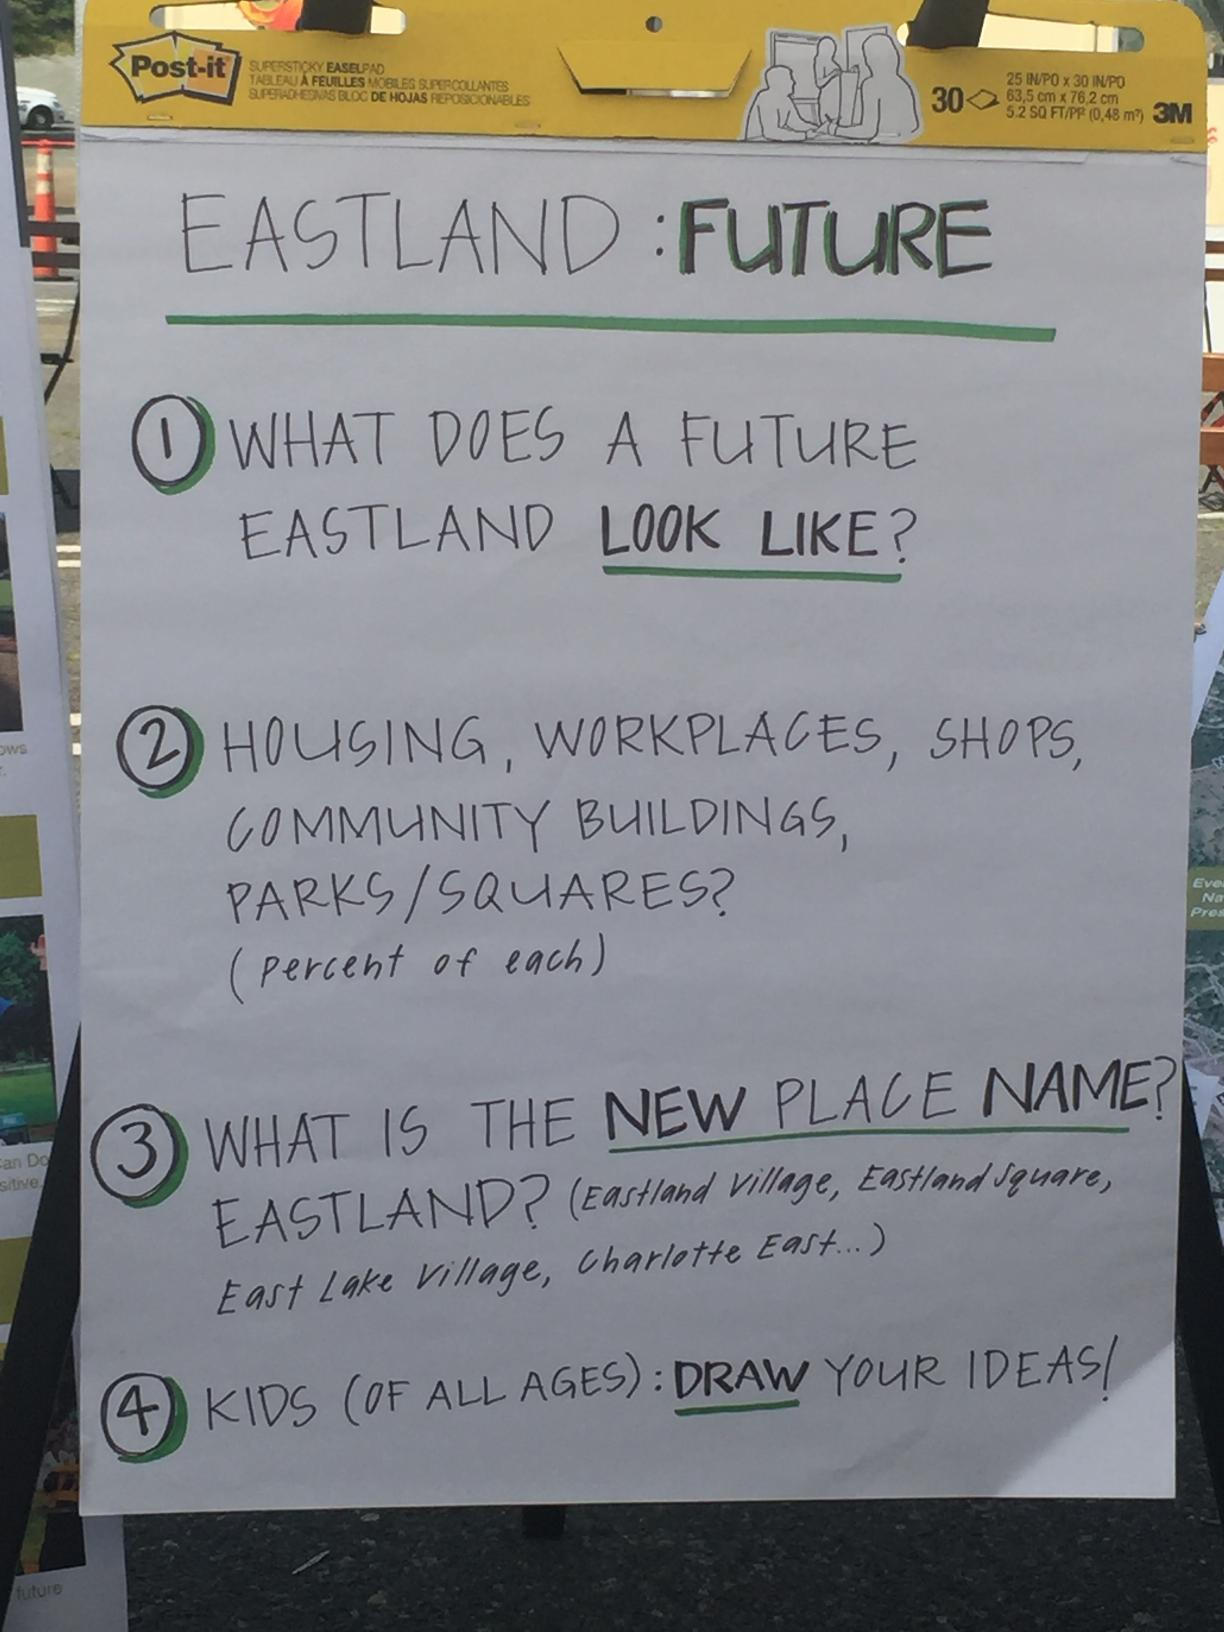 Eastland Future - Questions